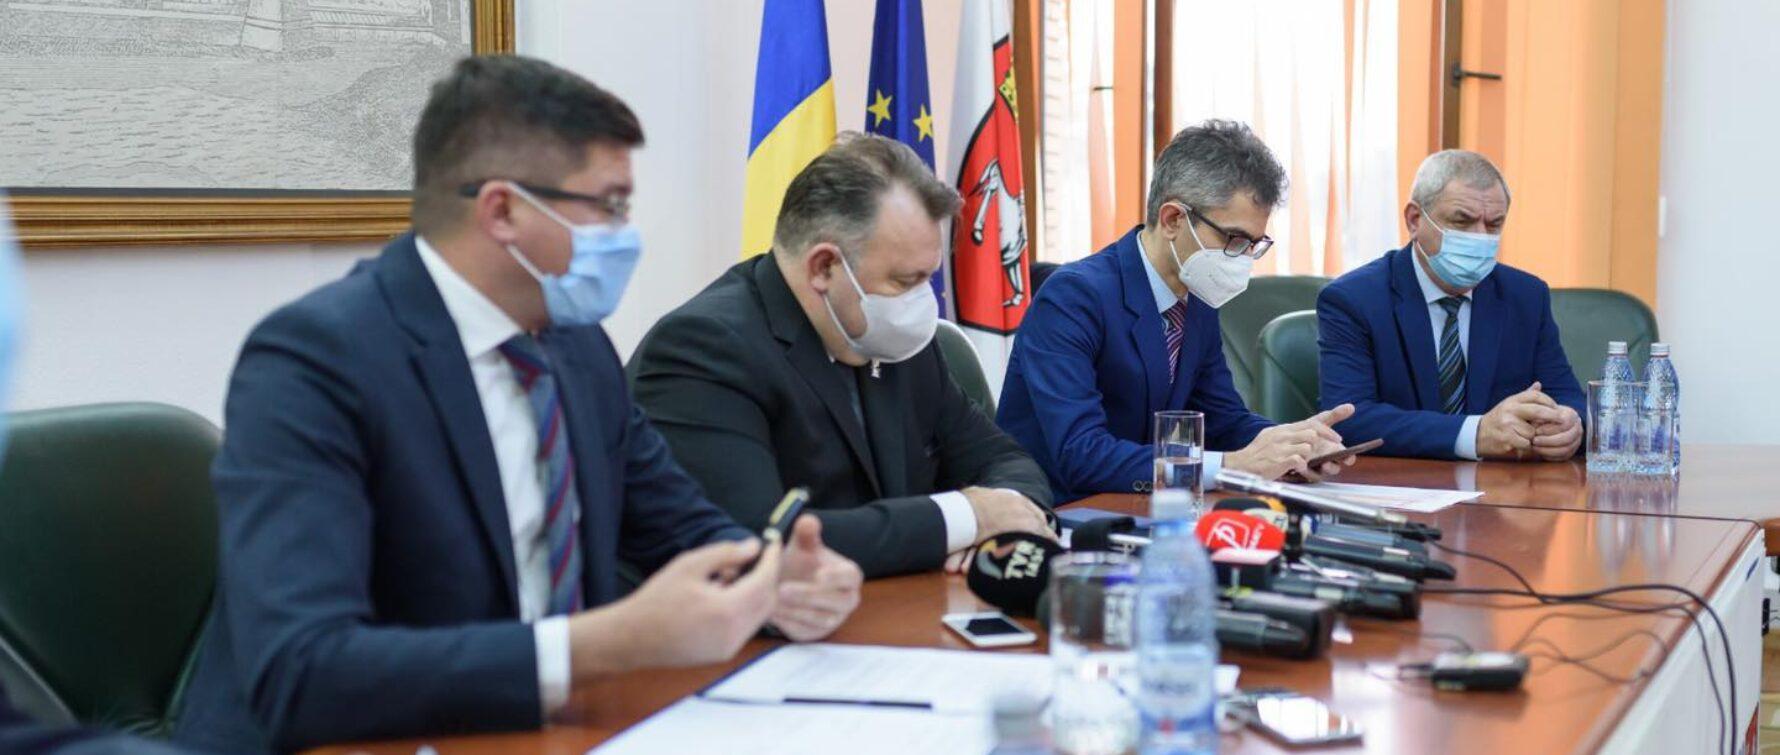 Președintele CJ Iași, Costel Alexe, anunță fonduri de 150 milioane de euro pentru noul Institut de Boli Cardiovasculare de la Miroslava